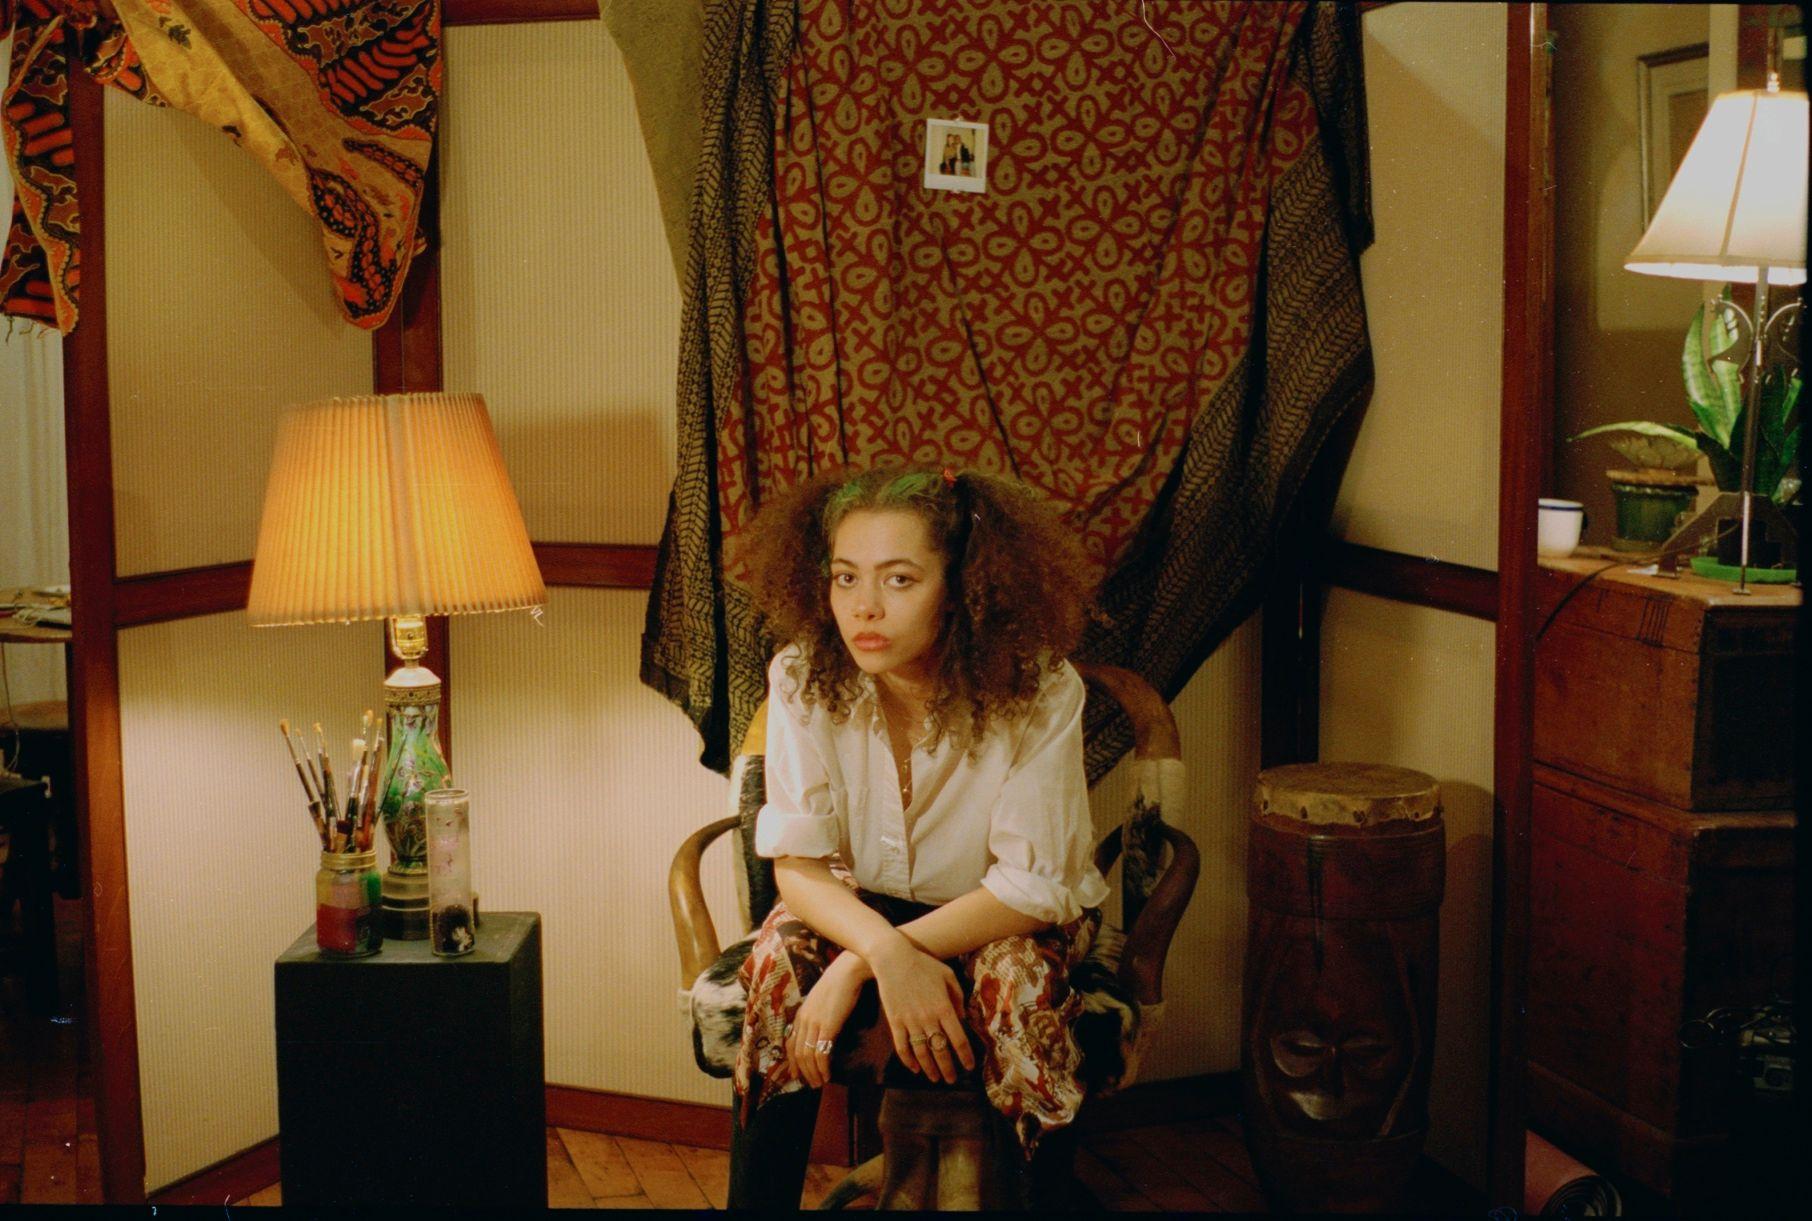 Isa Reyes sitzt in einem alt aussehenden Raum